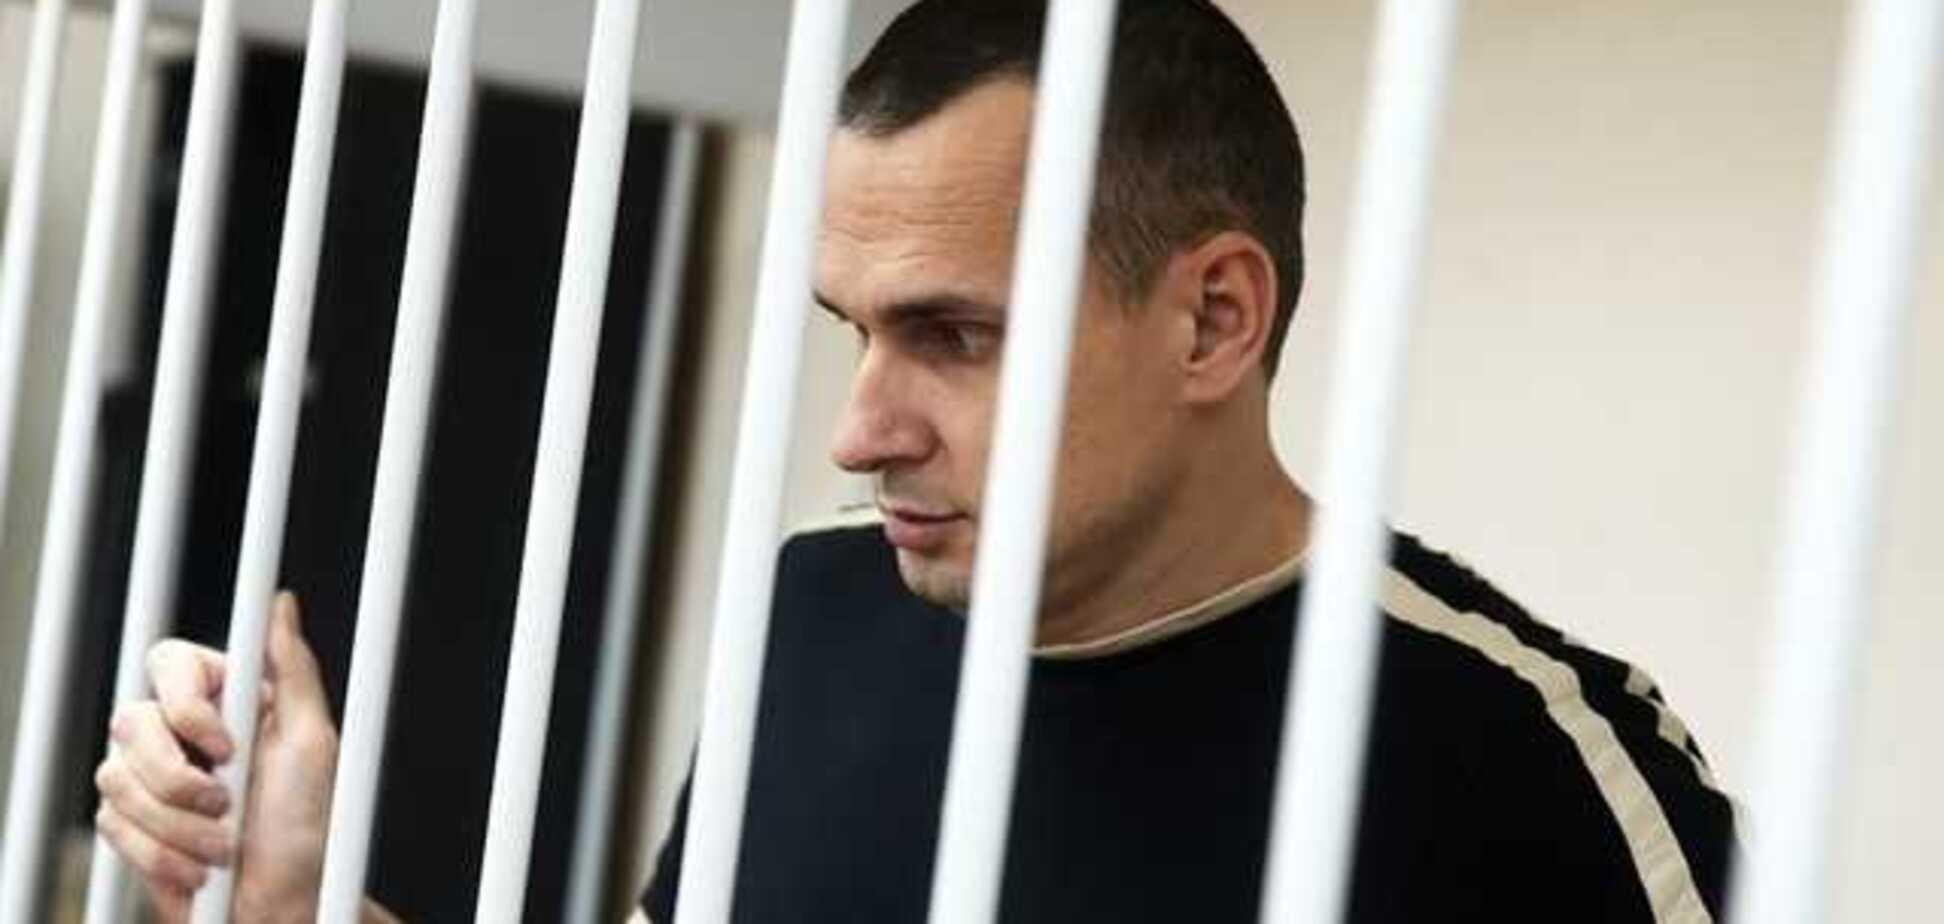 'Останній шанс врятувати Сенцова': український поет запропонував несподіване рішення проблеми